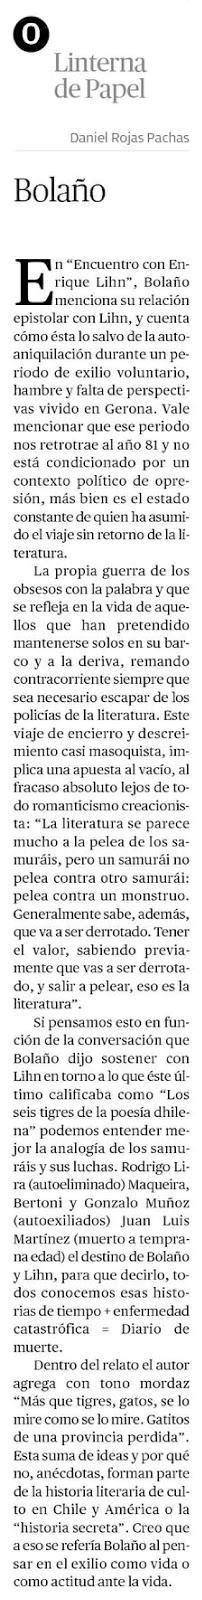 Lihn citado en artículo sobre Bolaño en la Linterna de papel del Mercurio de Antofagasta